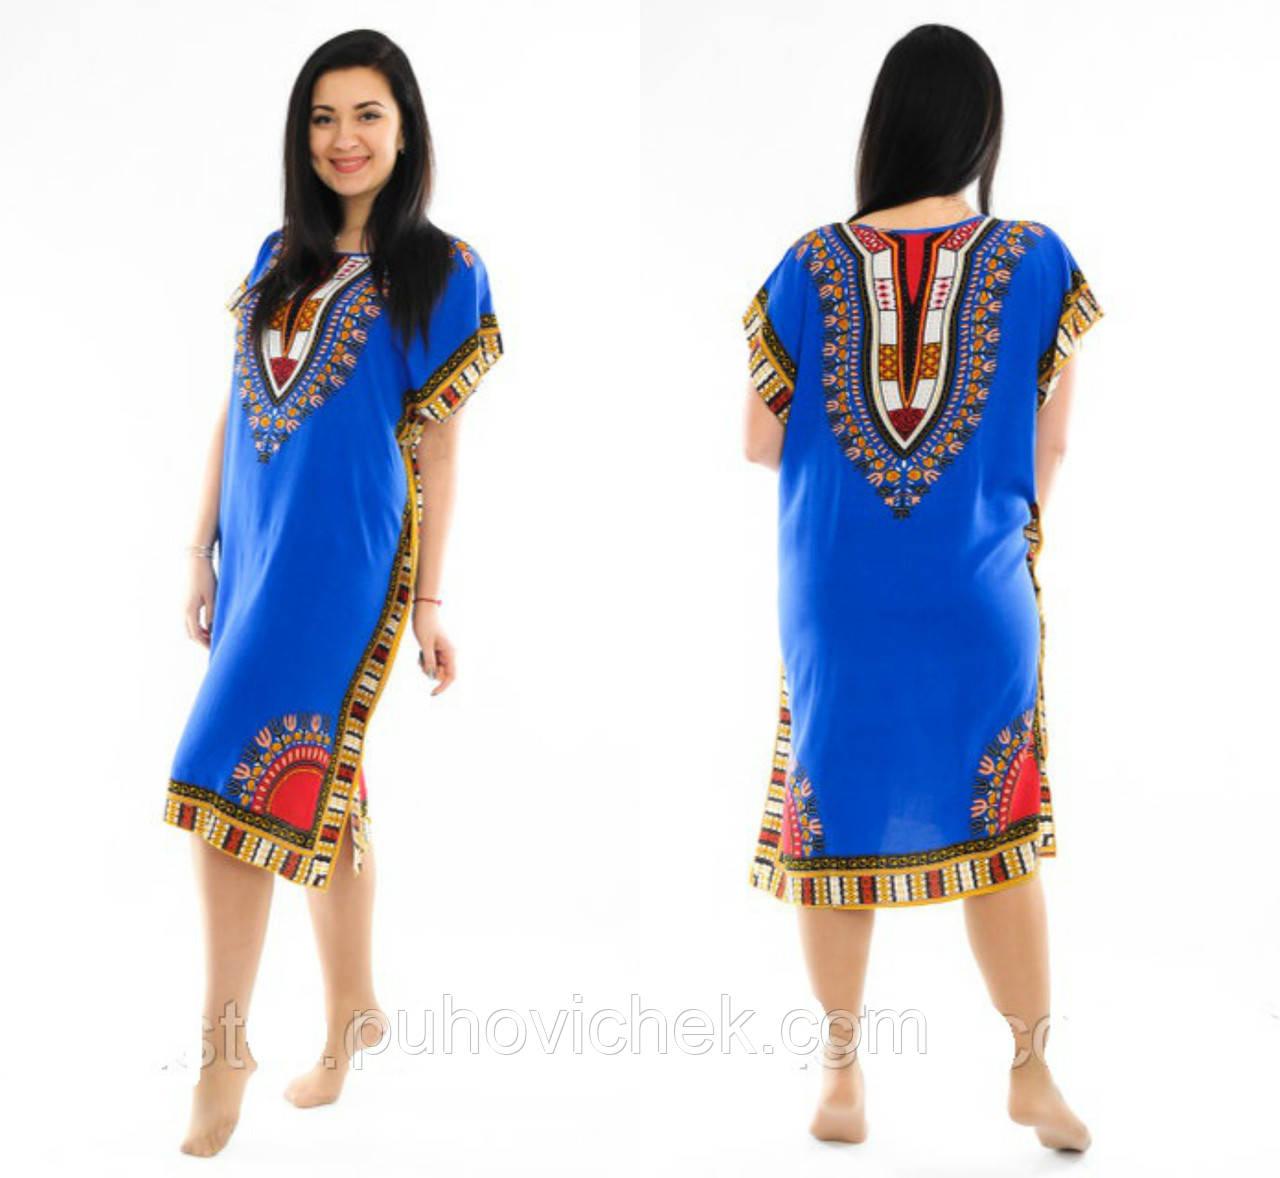 d74714d8fbd Яркие летние платья туники женские трикотаж - Интернет магазин Линия одежды  в Харькове